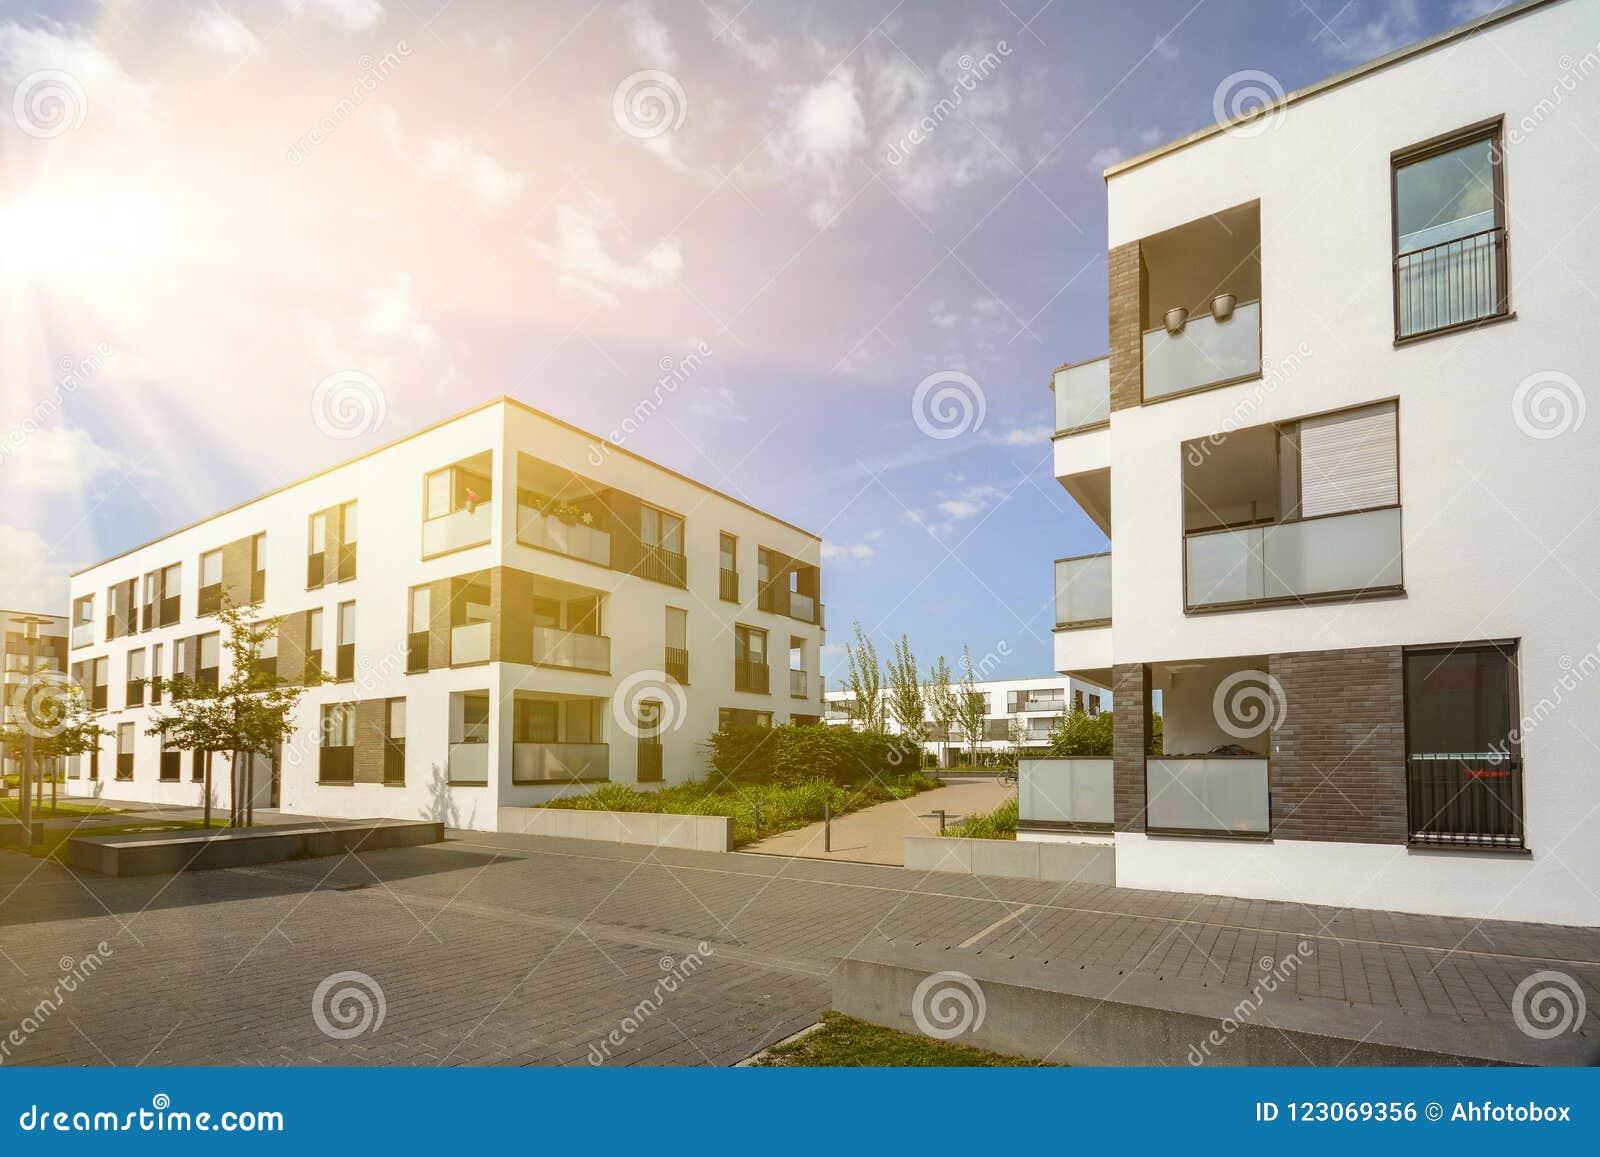 Modernes Wohngebiet mit Wohngebäuden in einer neuen Stadtentwicklung